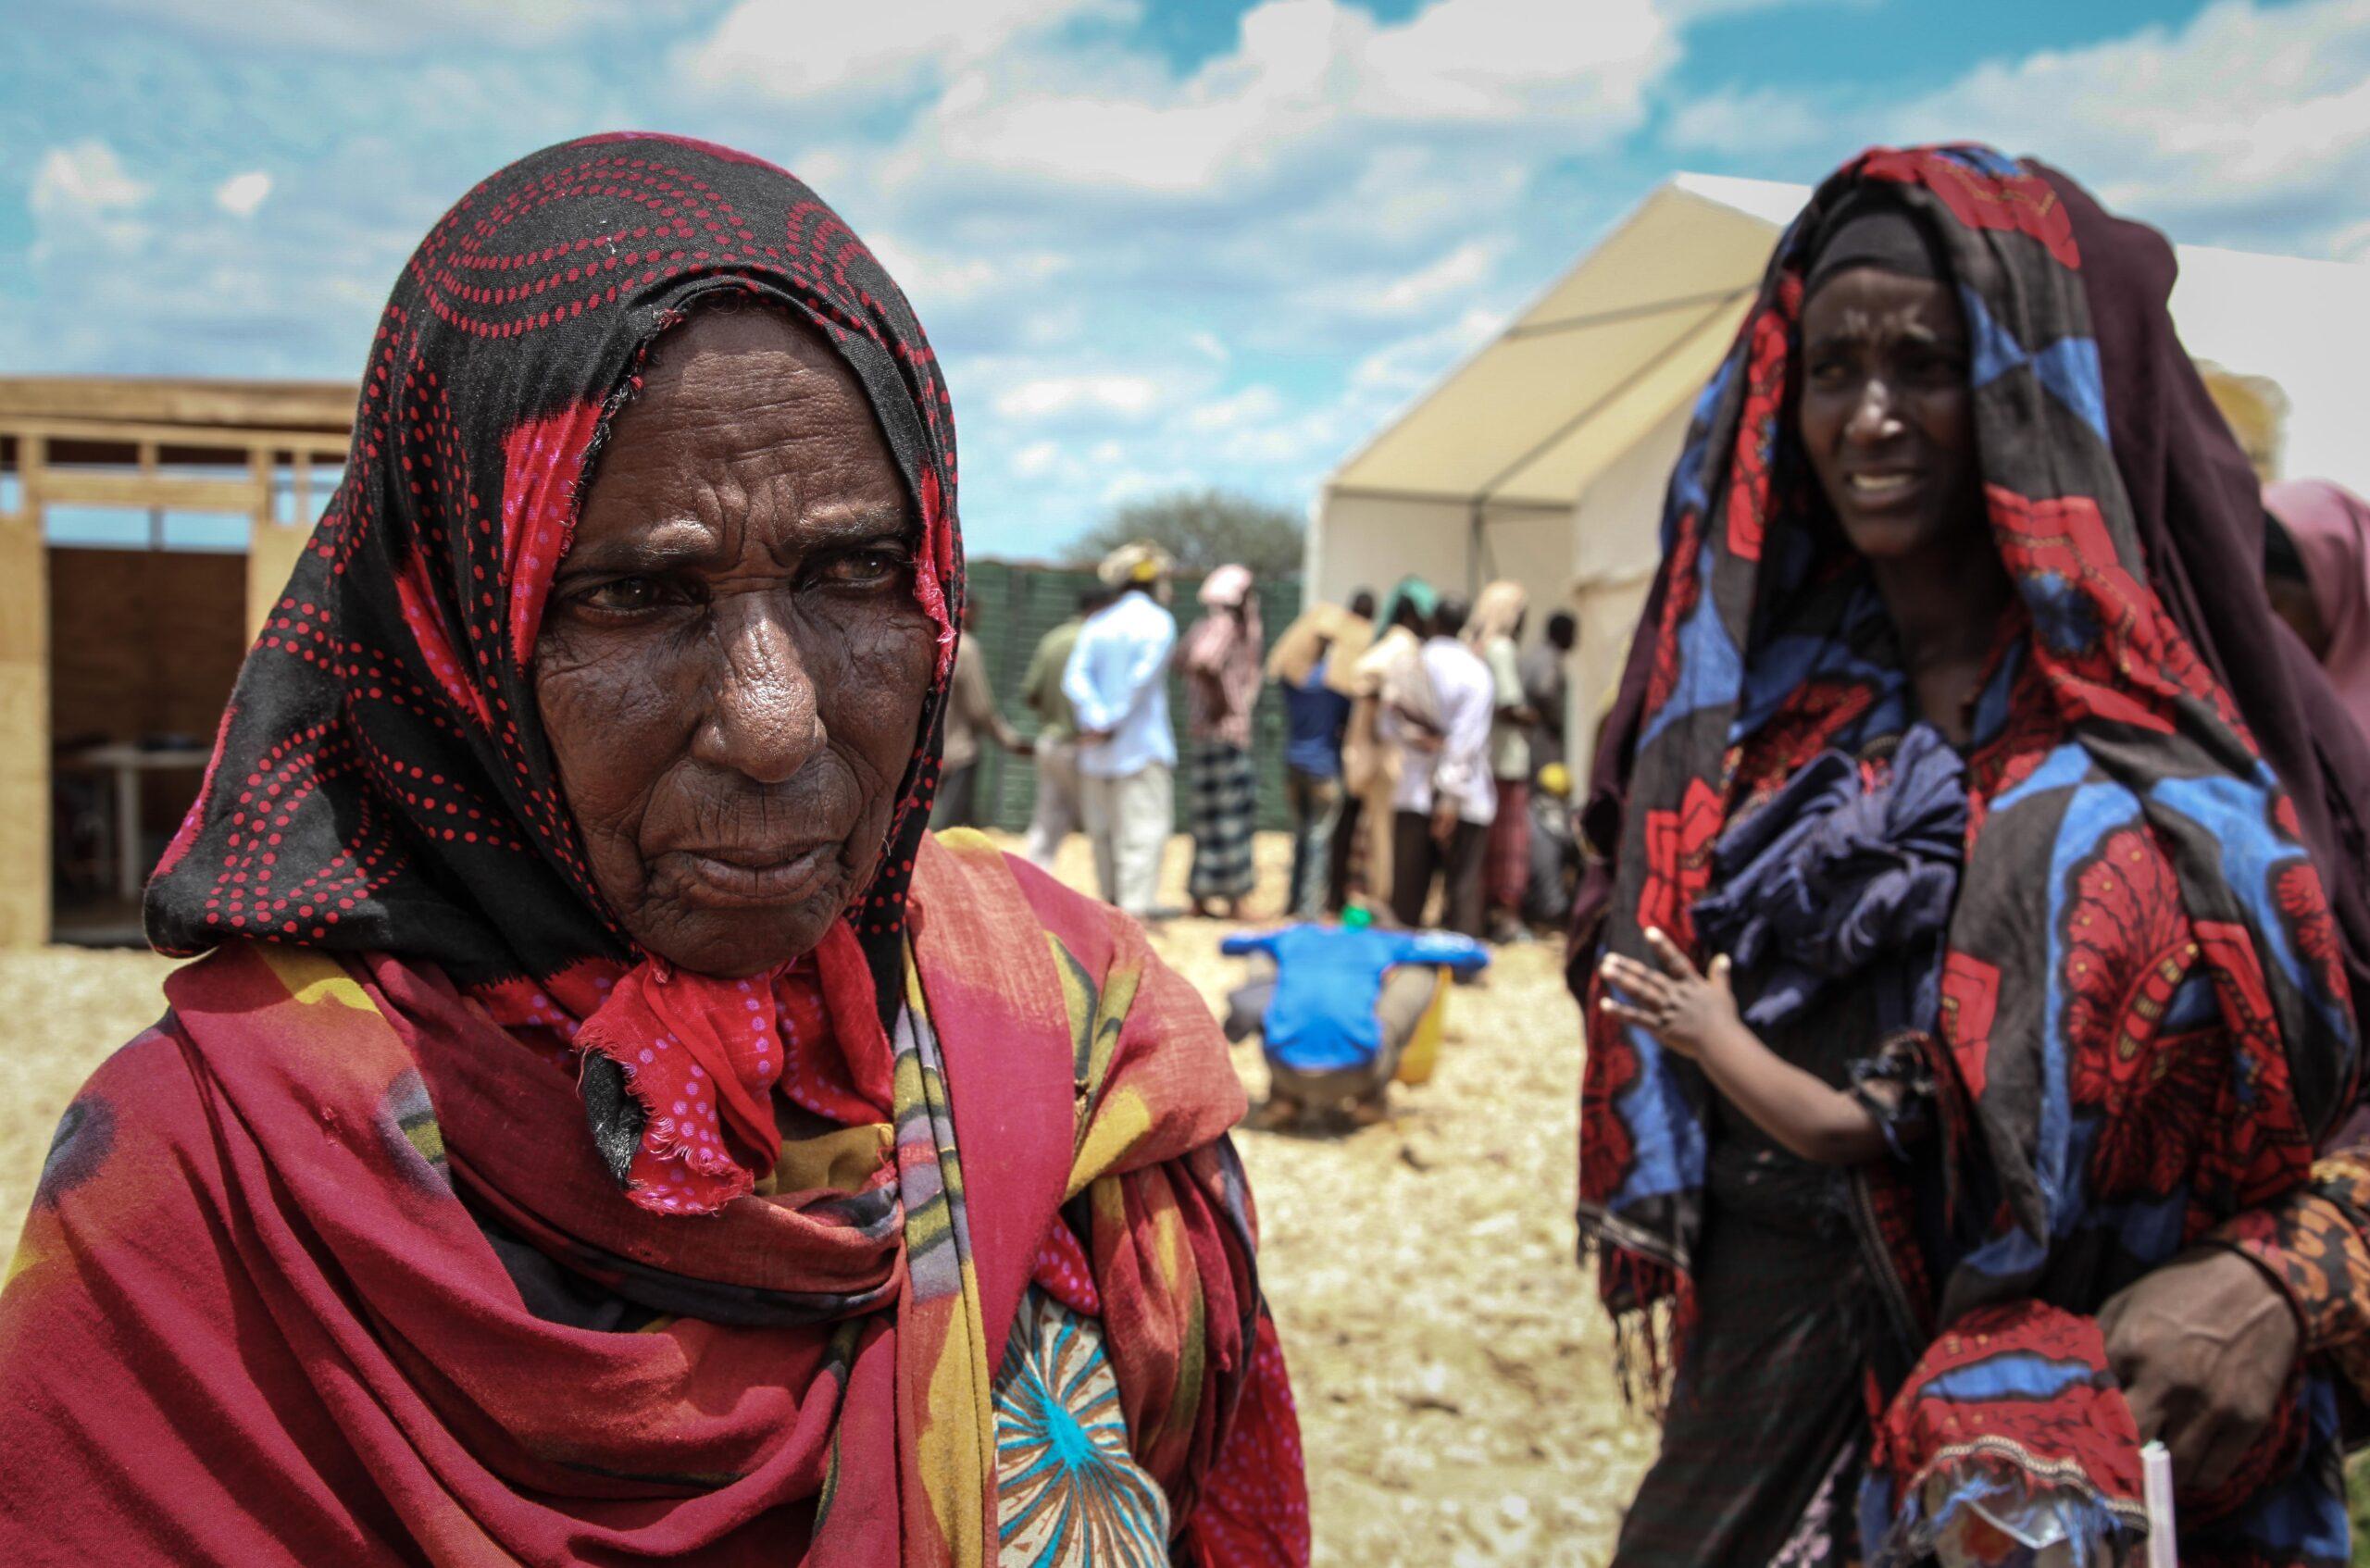 Imagen de la noticia Generando estrategias colectivas en torno a la Agenda 2030: empoderando mujeres refugiadas y migrantes